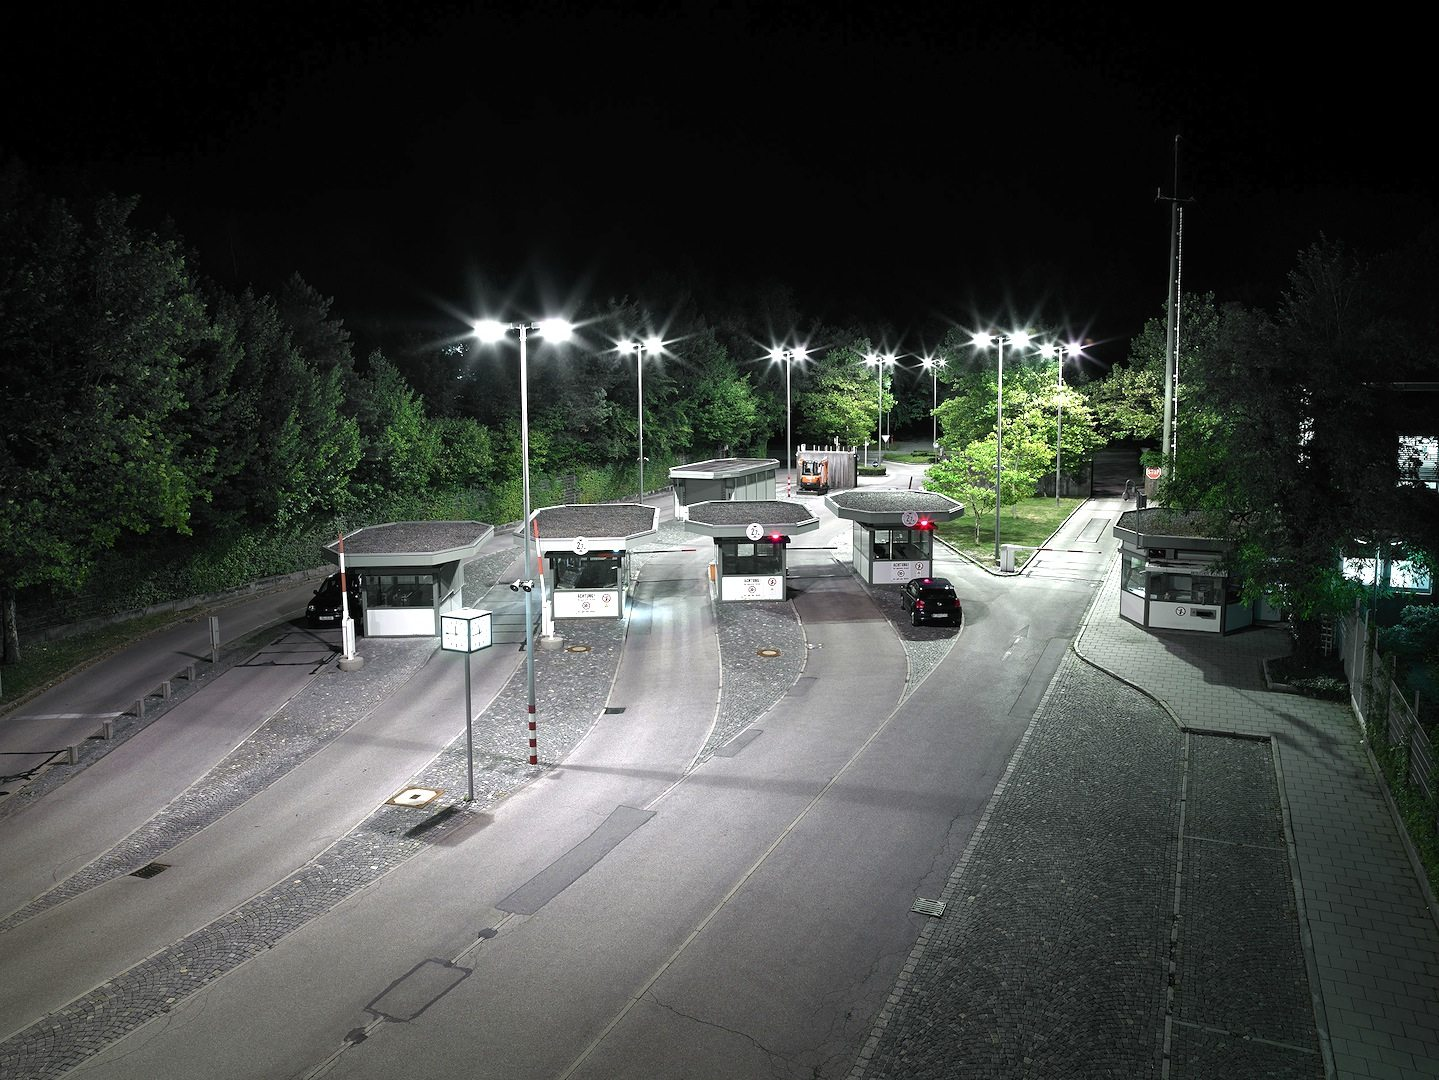 Neuer Geländeteil.  Haupteinfahrt mit Pförtnerhäusern